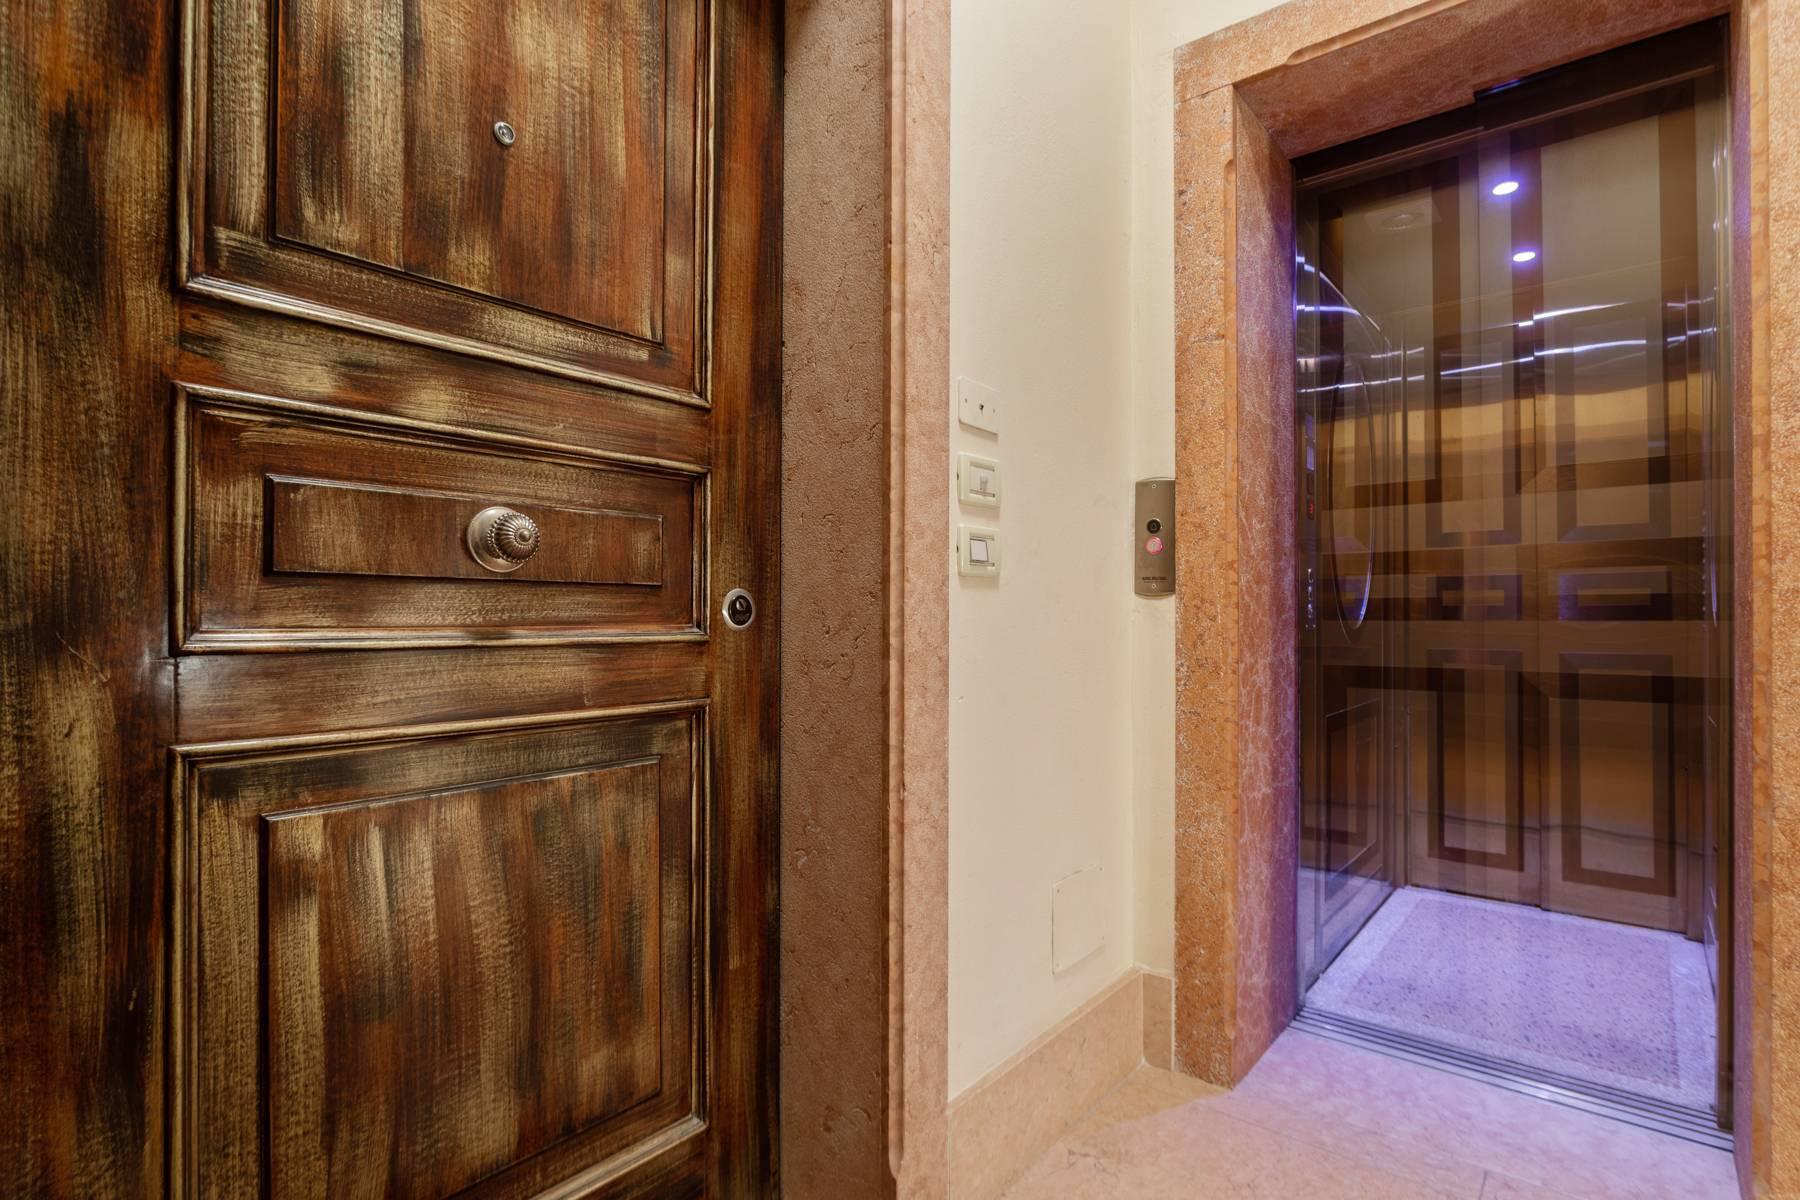 Appartamento in Vendita a Verona: 3 locali, 55 mq - Foto 15